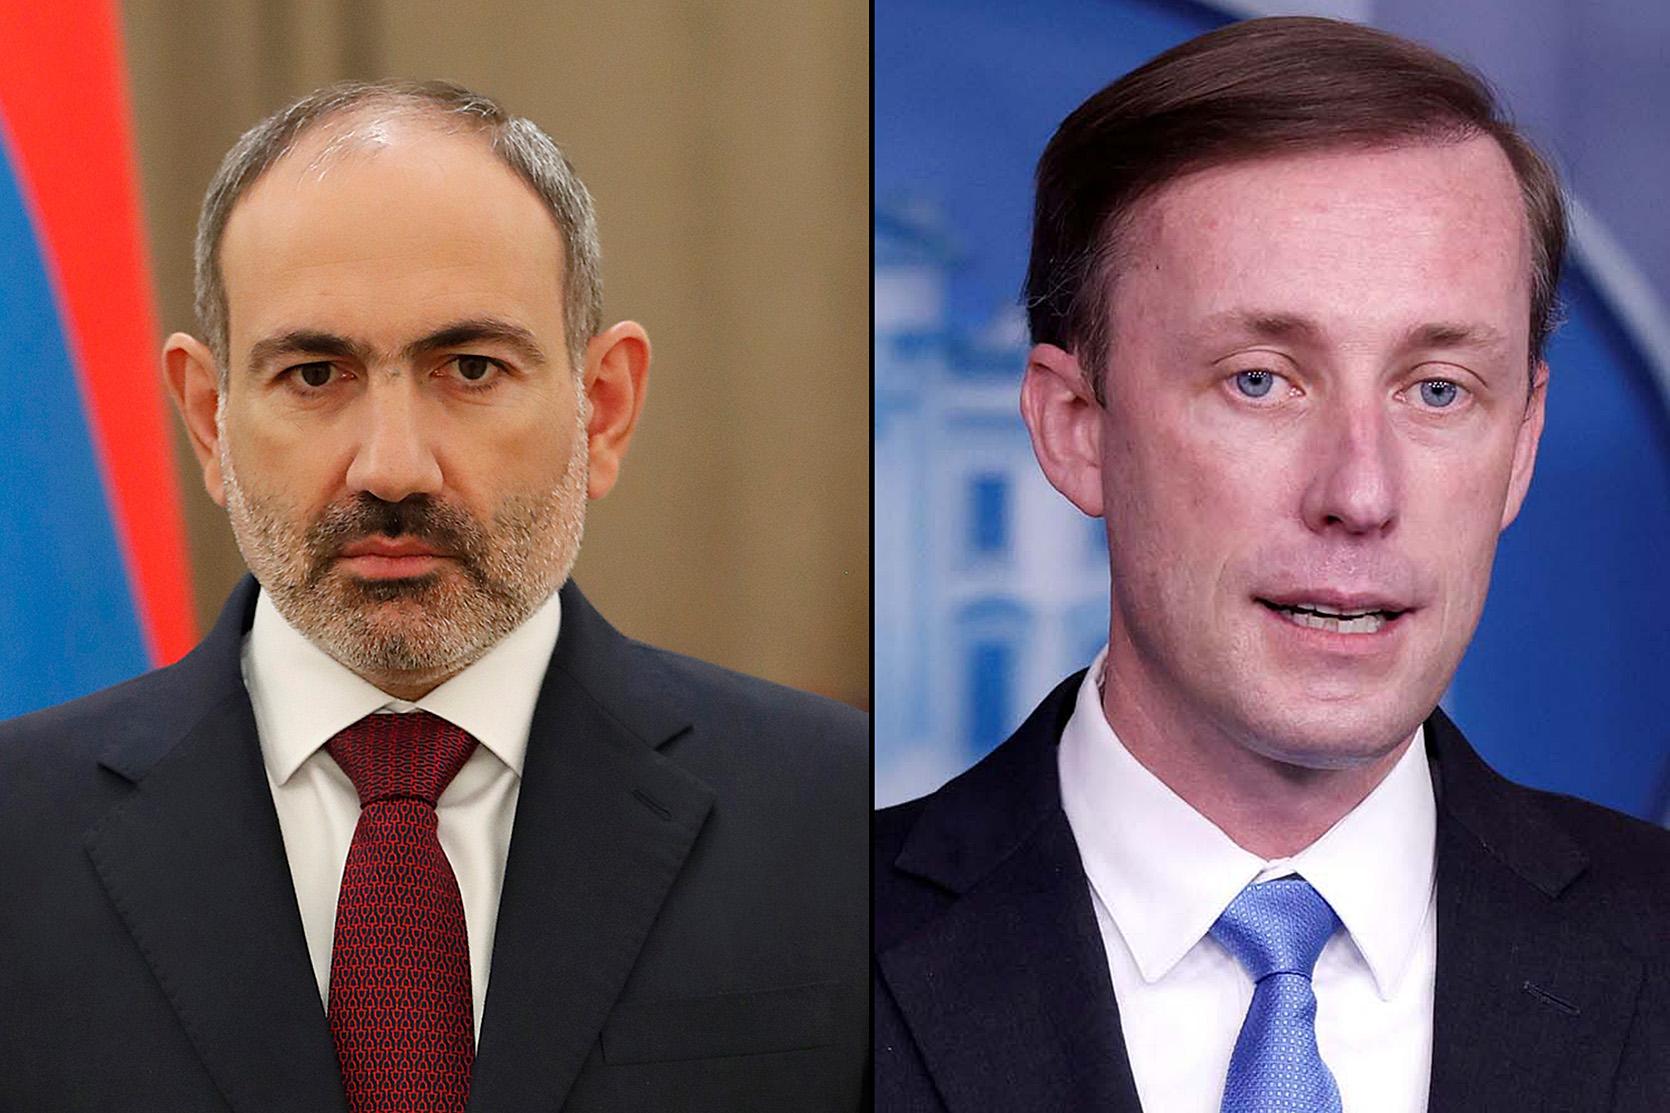 США потребовали от Азербайджана немедленно вывести войска с суверенной территории Армении